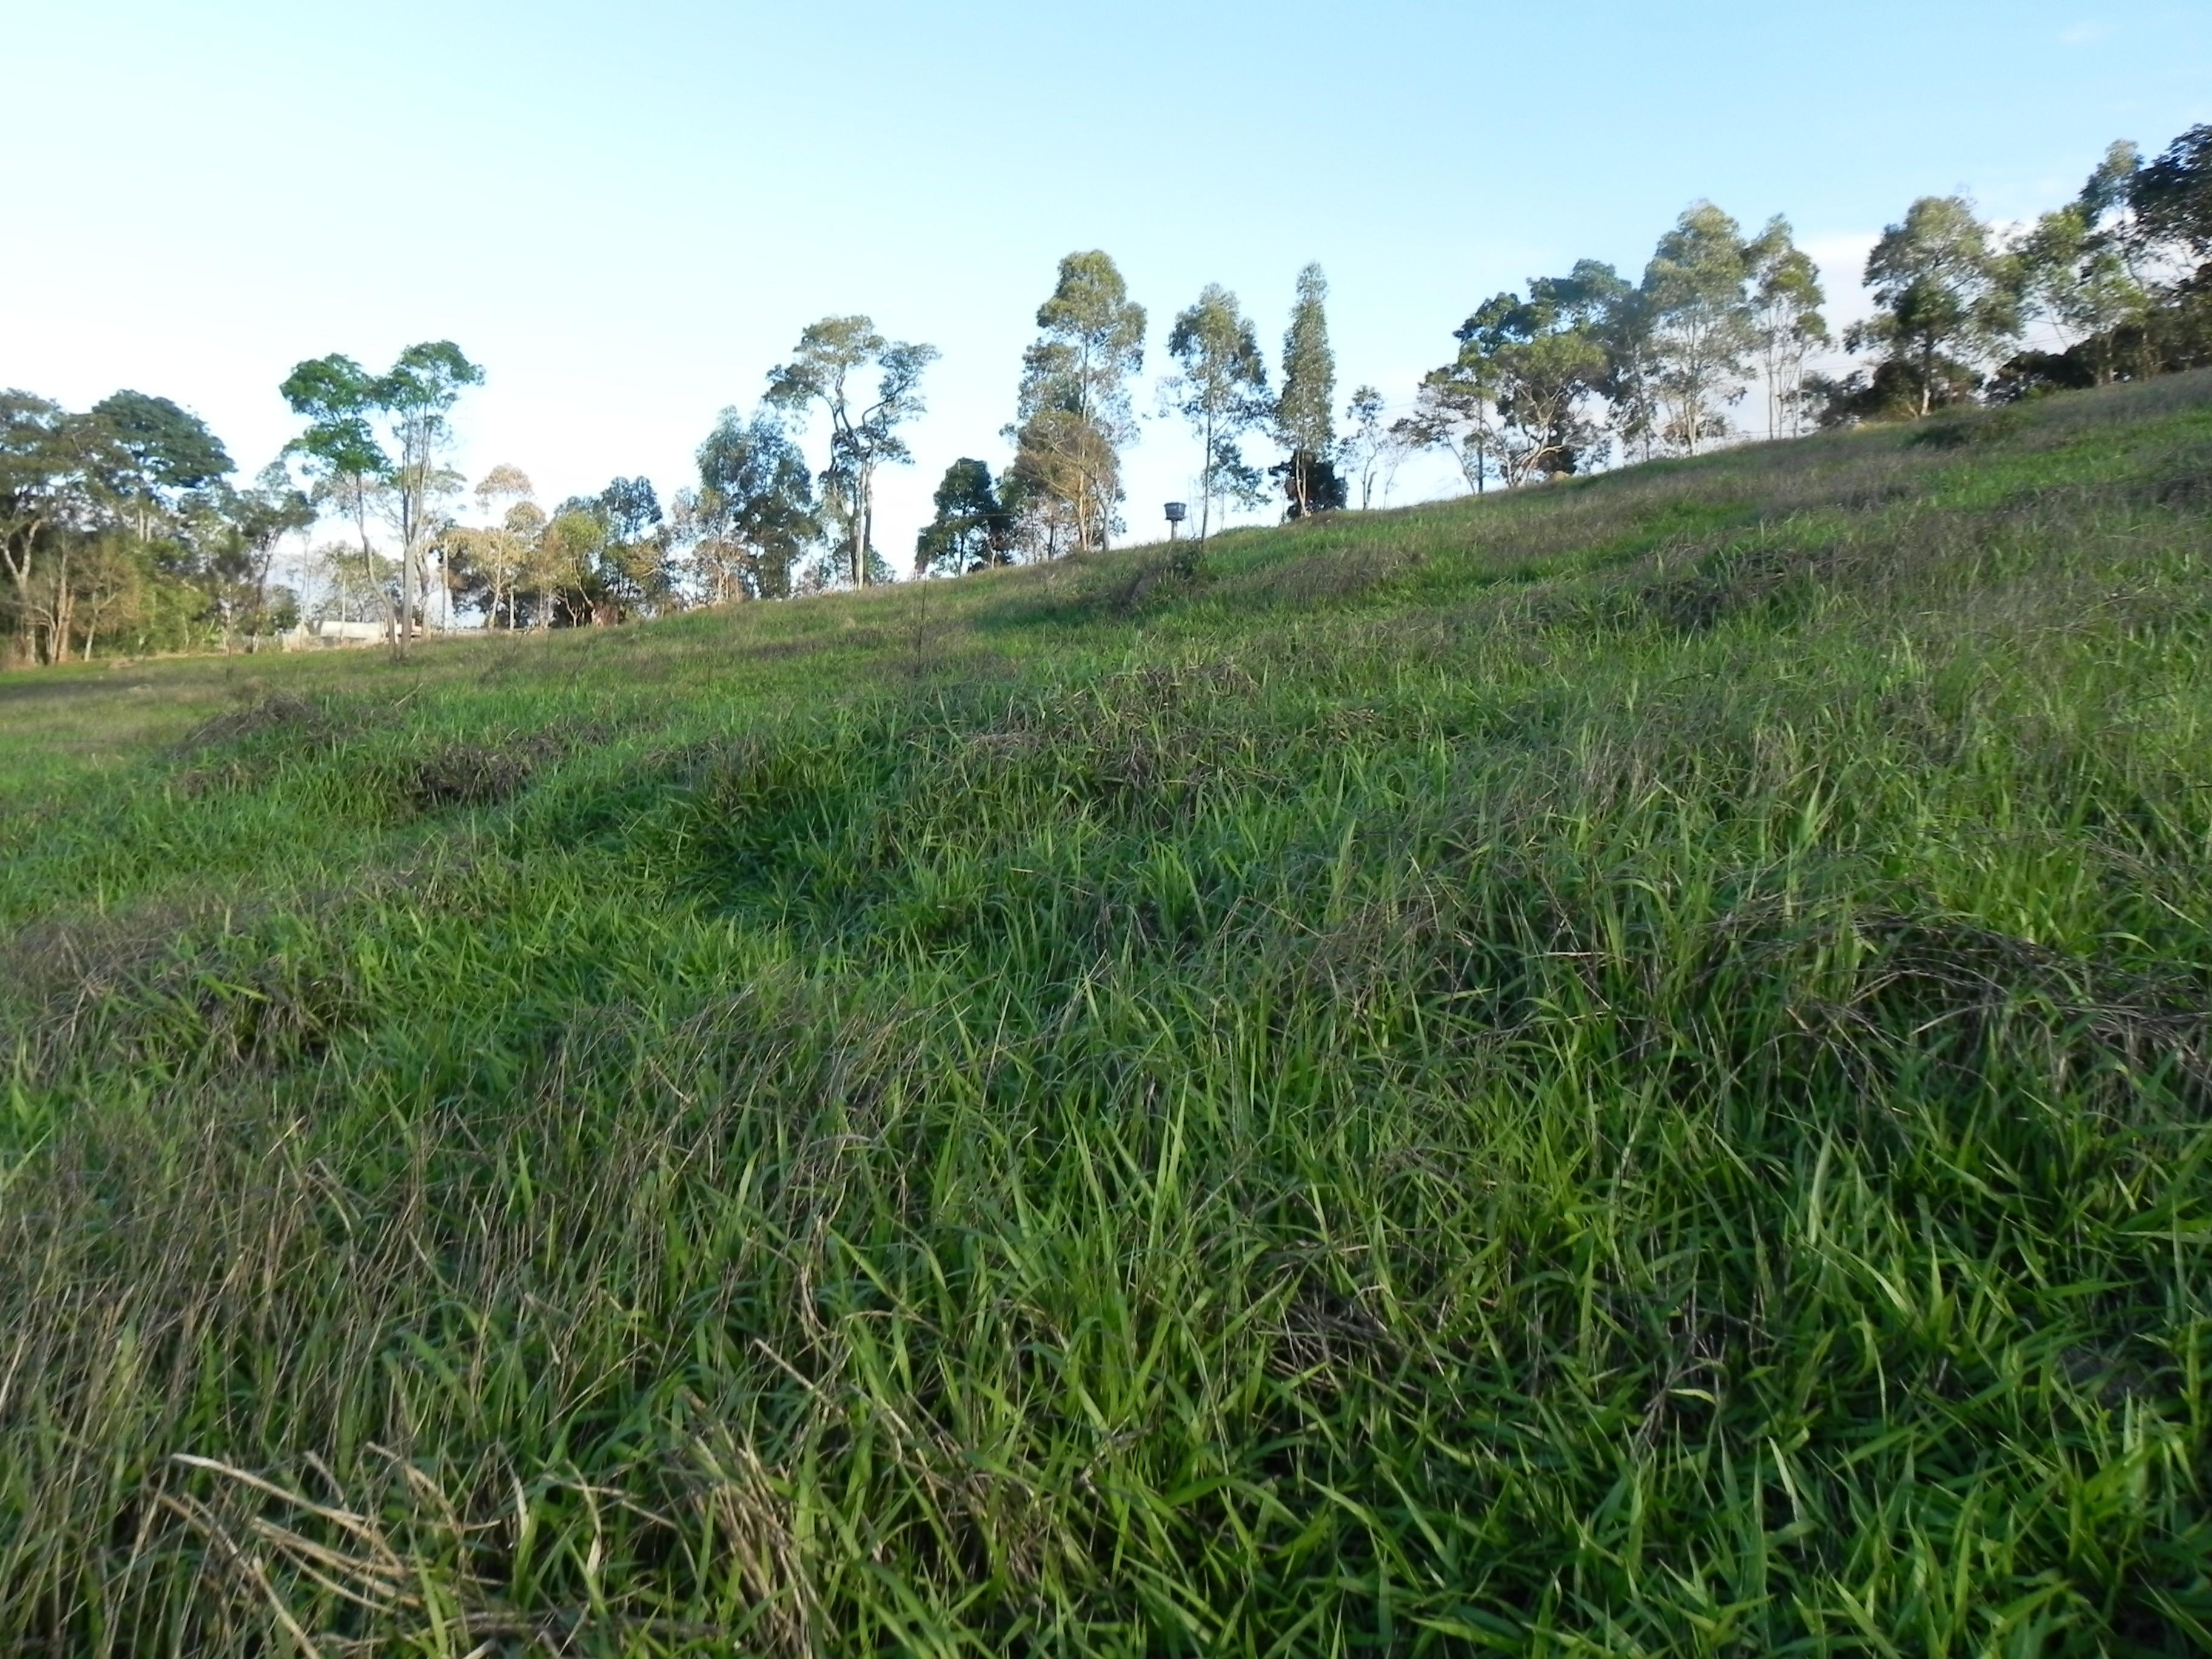 (K.A) terrenos com acesso otimo local otimo p/ construir